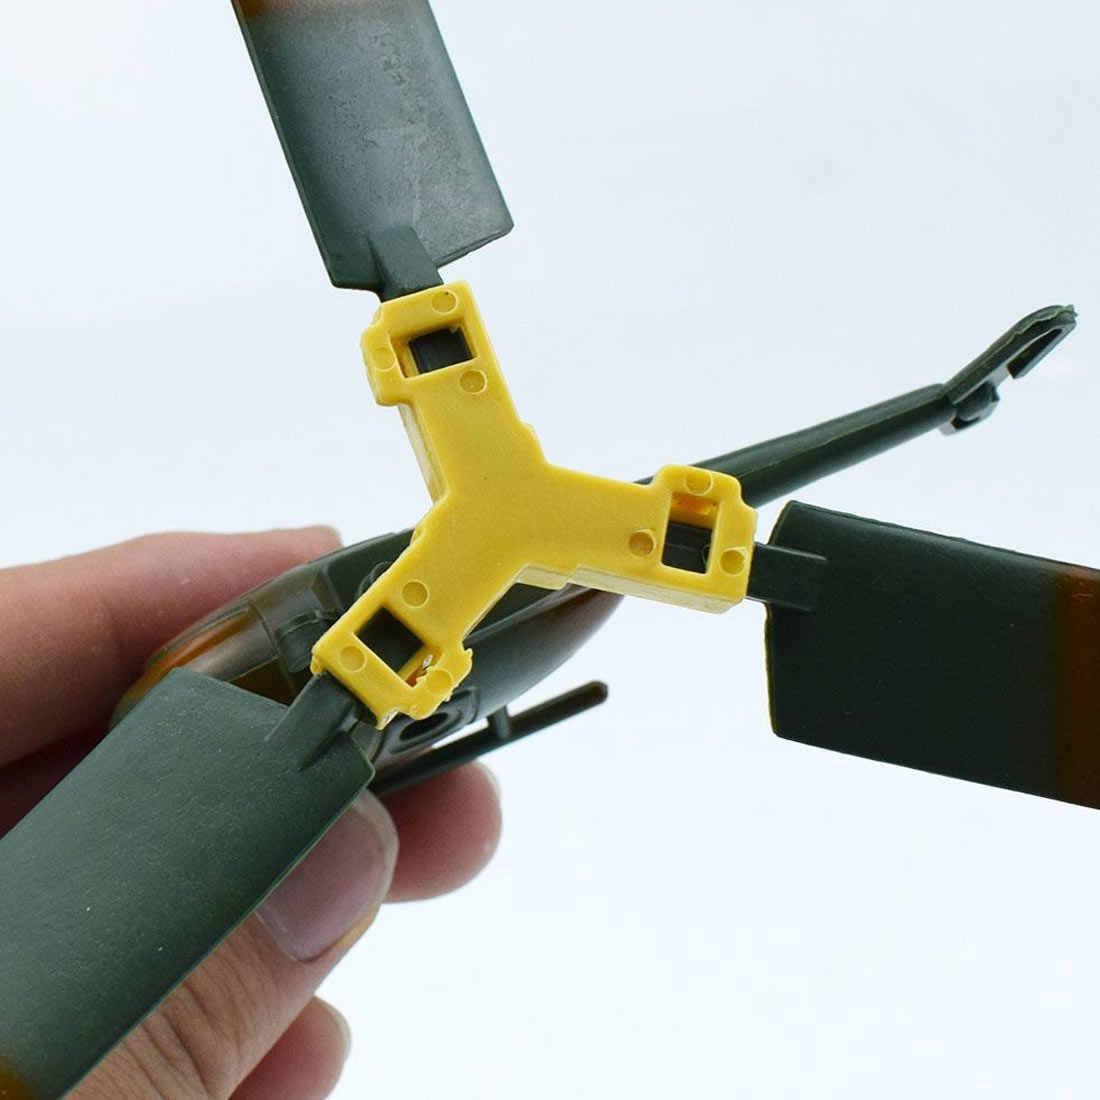 Aviação Modelo de Helicóptero Brinquedos para Crianças Handle Puxa Helicóptero Avião Brinquedos Para As Crianças Ao Ar Livre Jogando Presentes Drone Aeronaves Para Iniciante